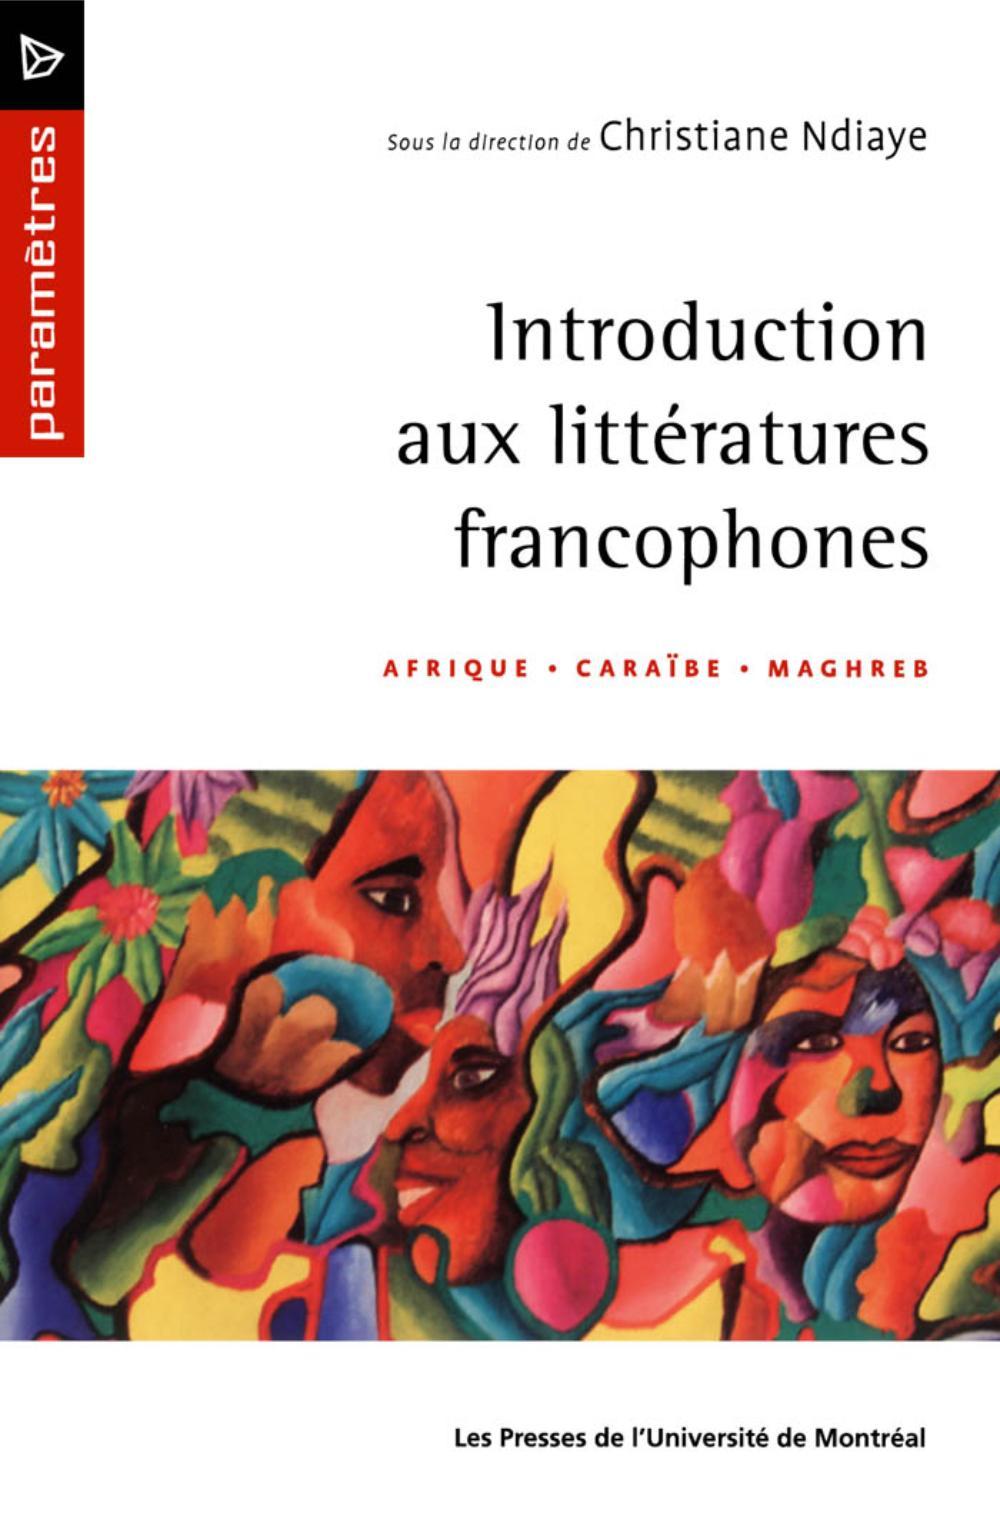 Introduction aux littératures francophones. Afrique · Caraïbe · Maghreb